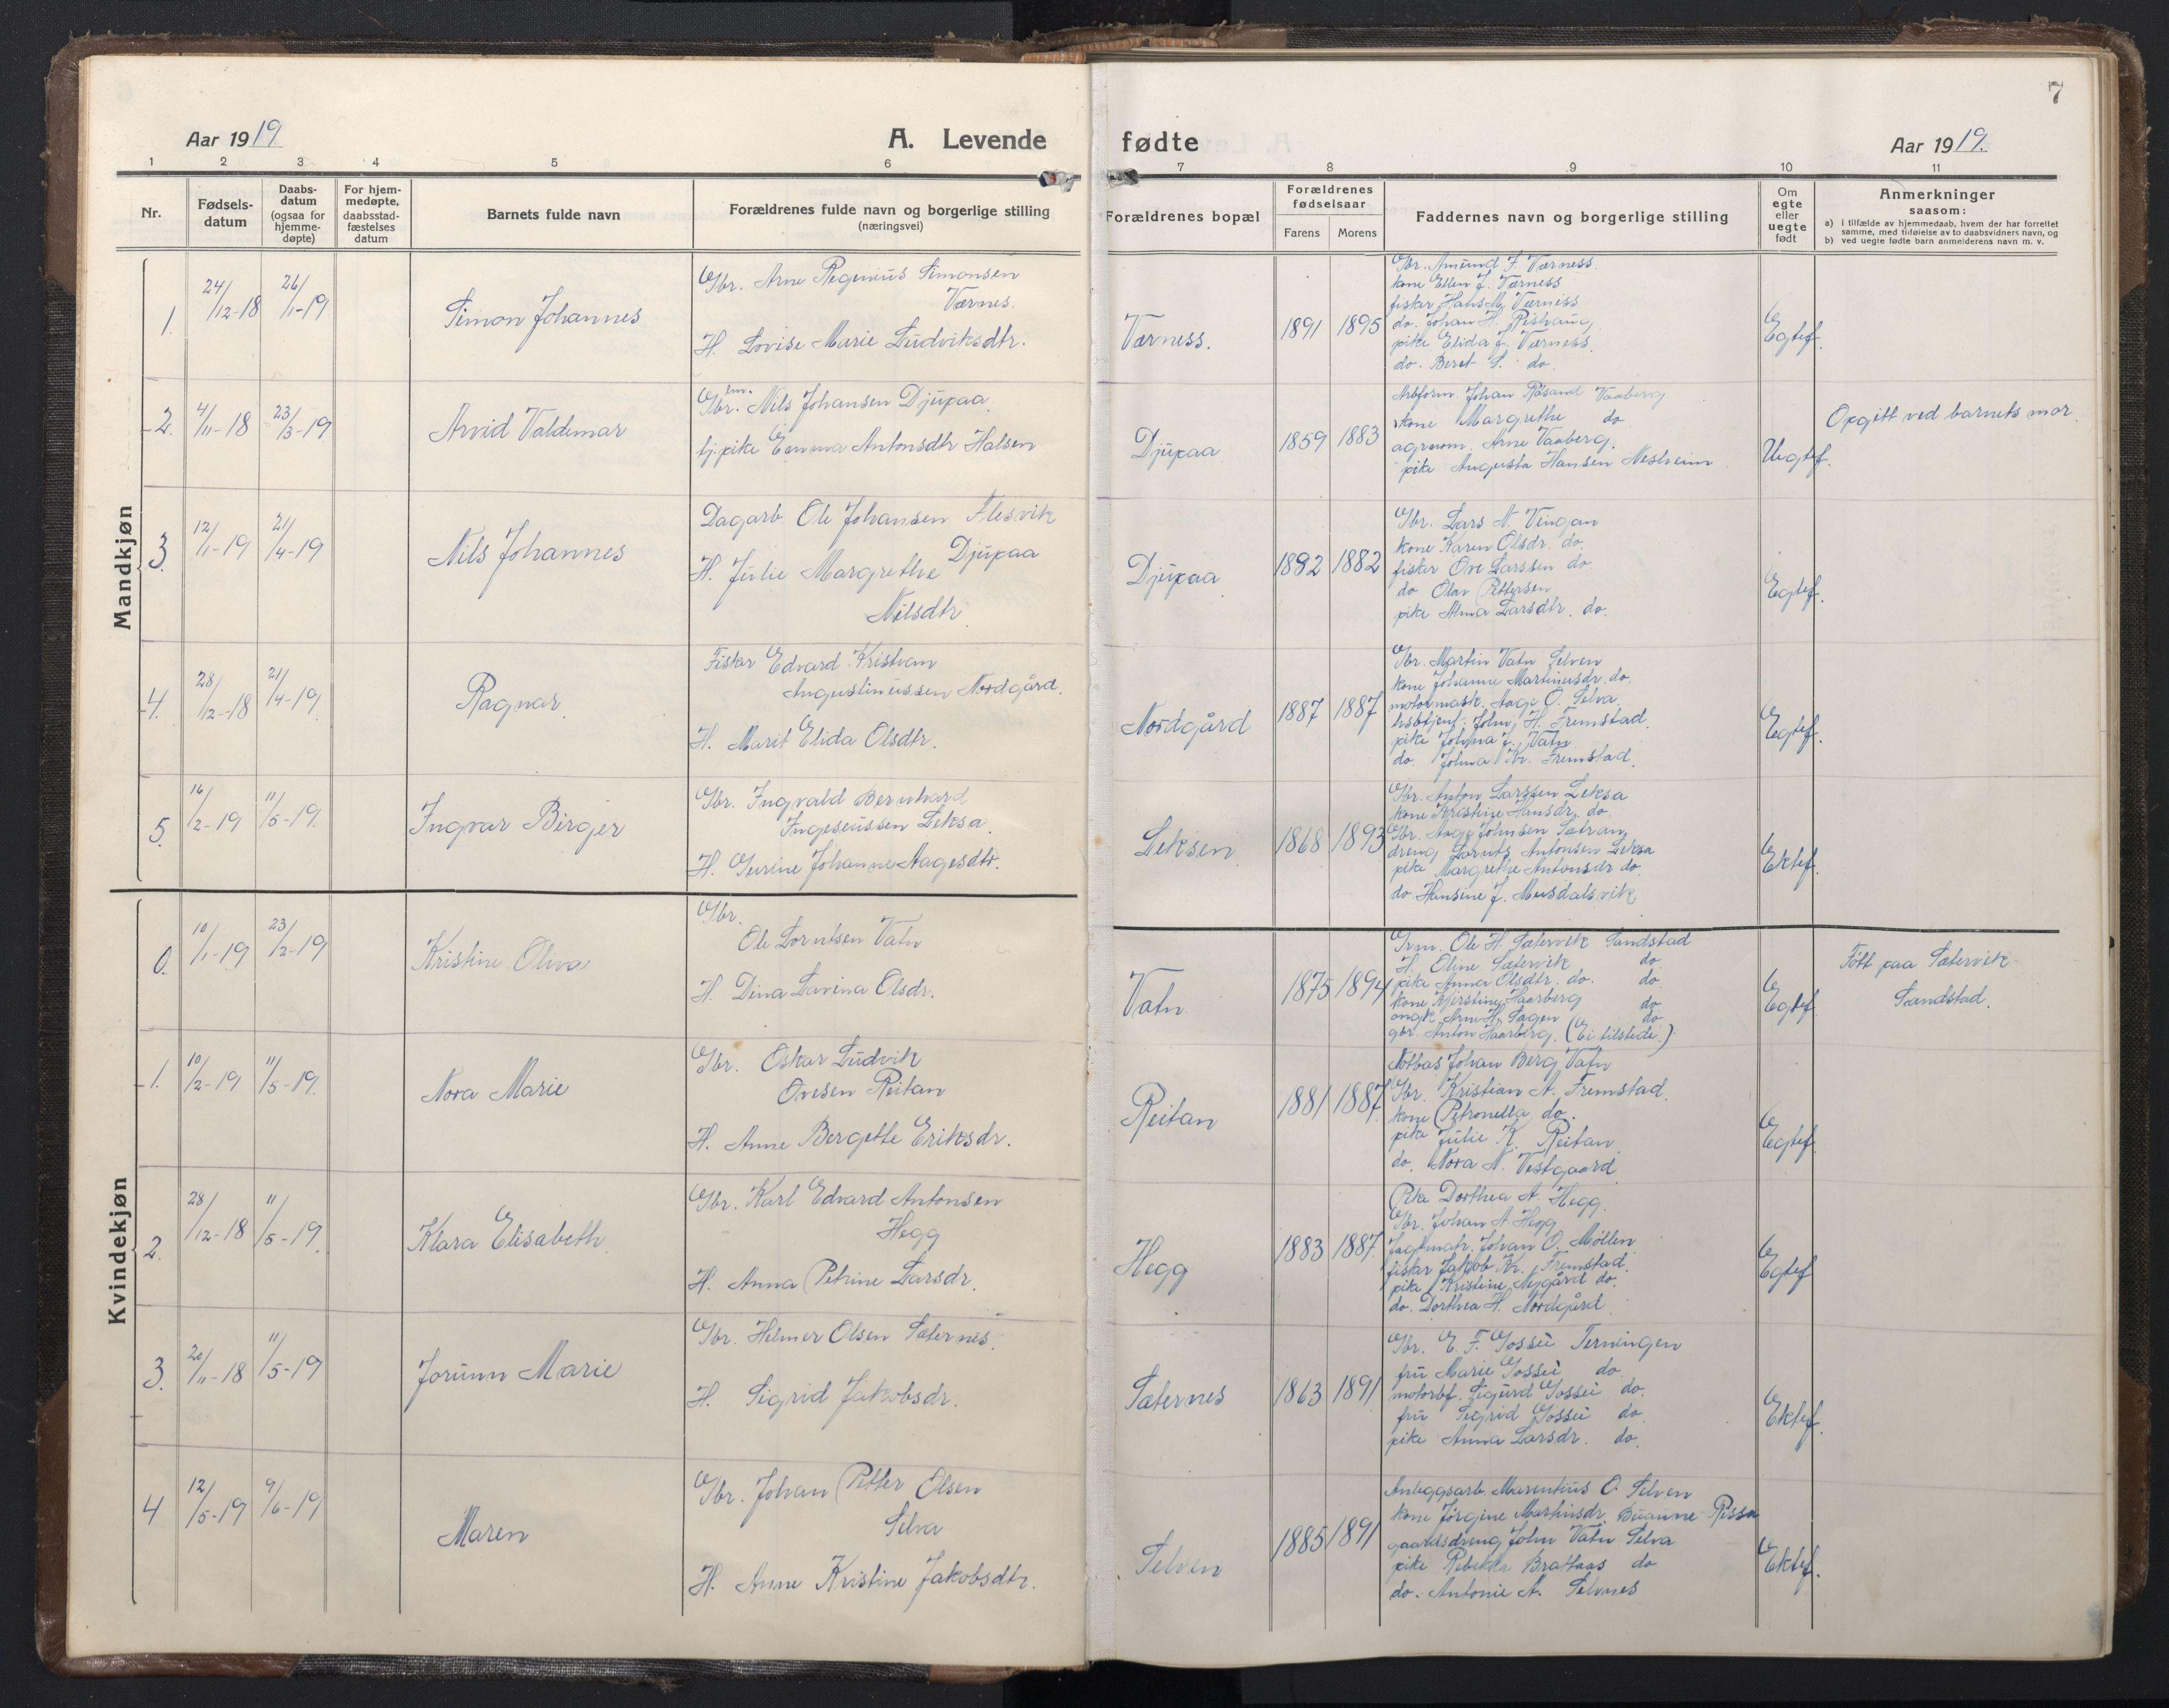 SAT, Ministerialprotokoller, klokkerbøker og fødselsregistre - Sør-Trøndelag, 662/L0758: Klokkerbok nr. 662C03, 1918-1948, s. 7